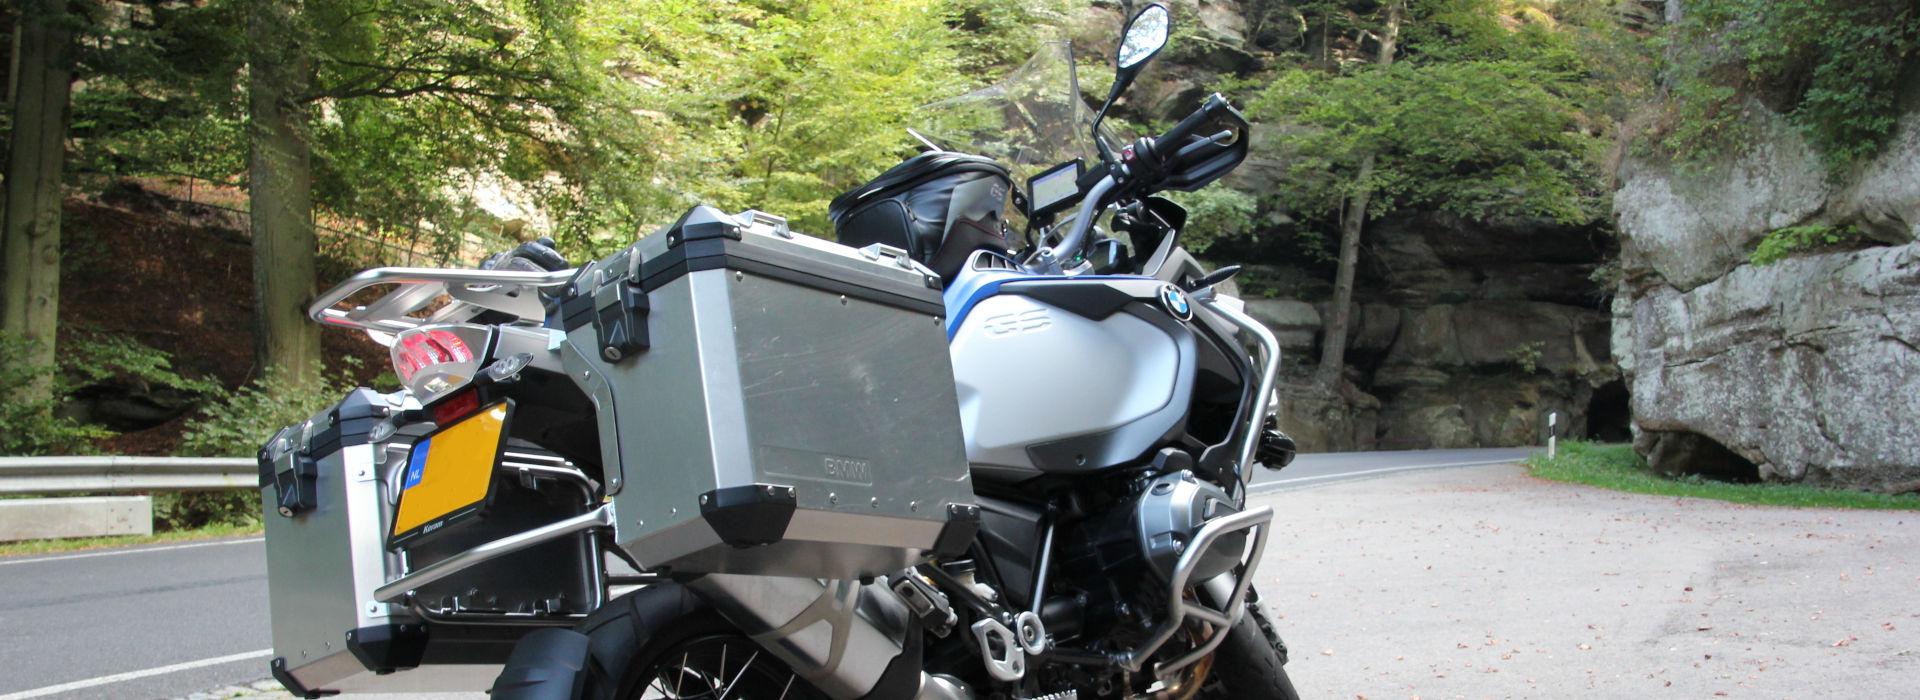 Motorrijbewijspoint Genhout motorrijlessen